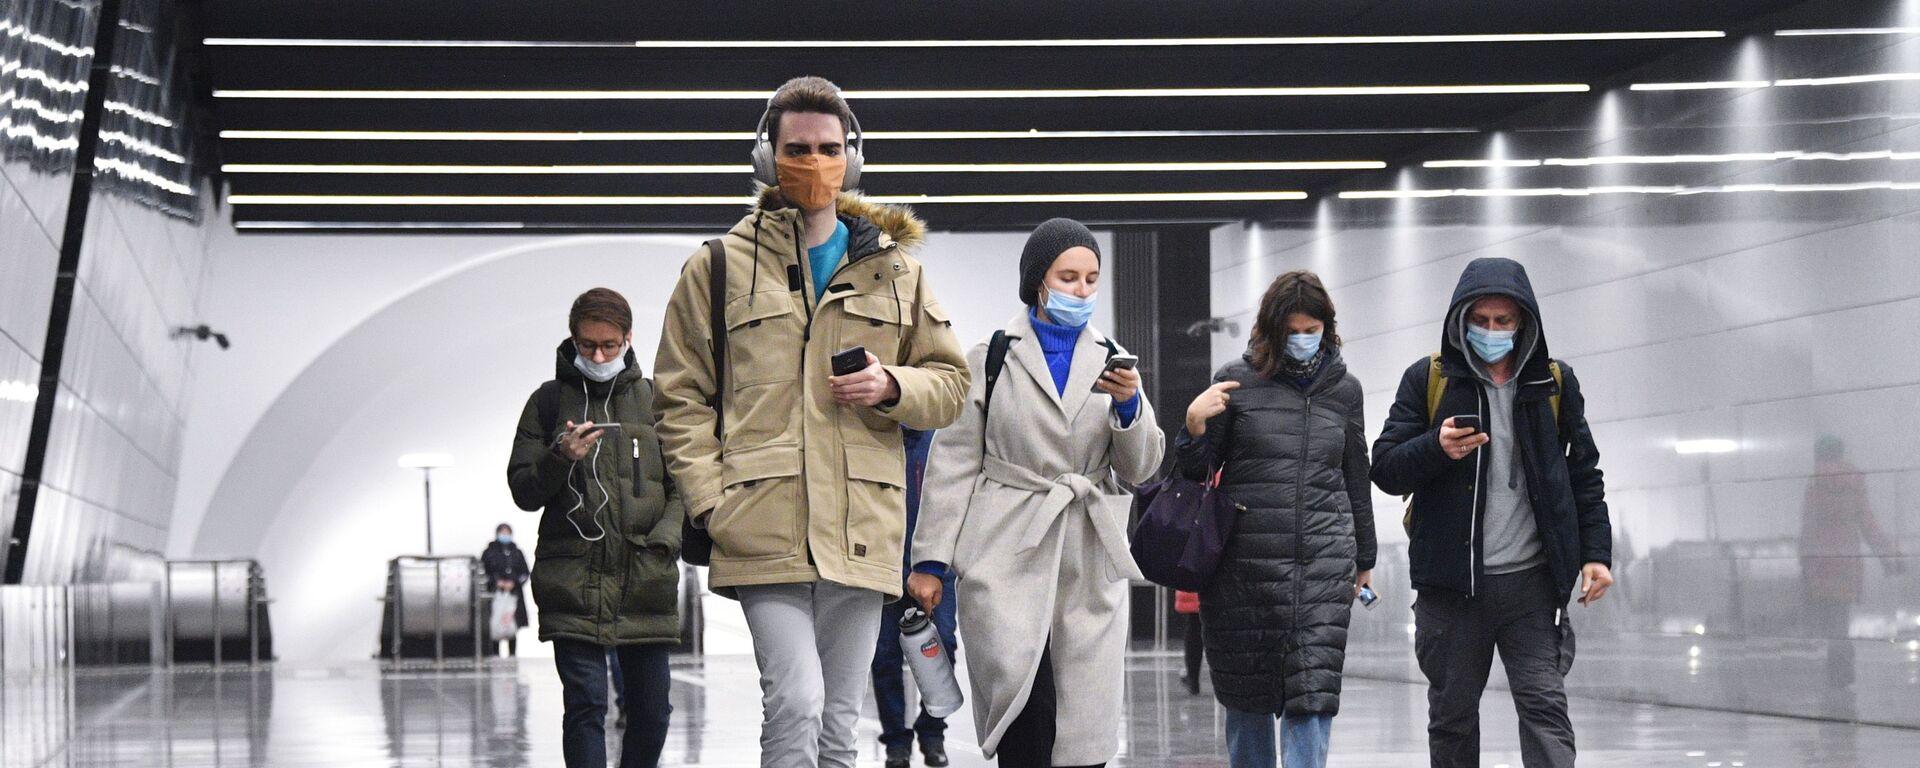 Люди идут по новому подземному пешеходному переходу в Москве. - Sputnik Тоҷикистон, 1920, 18.04.2021